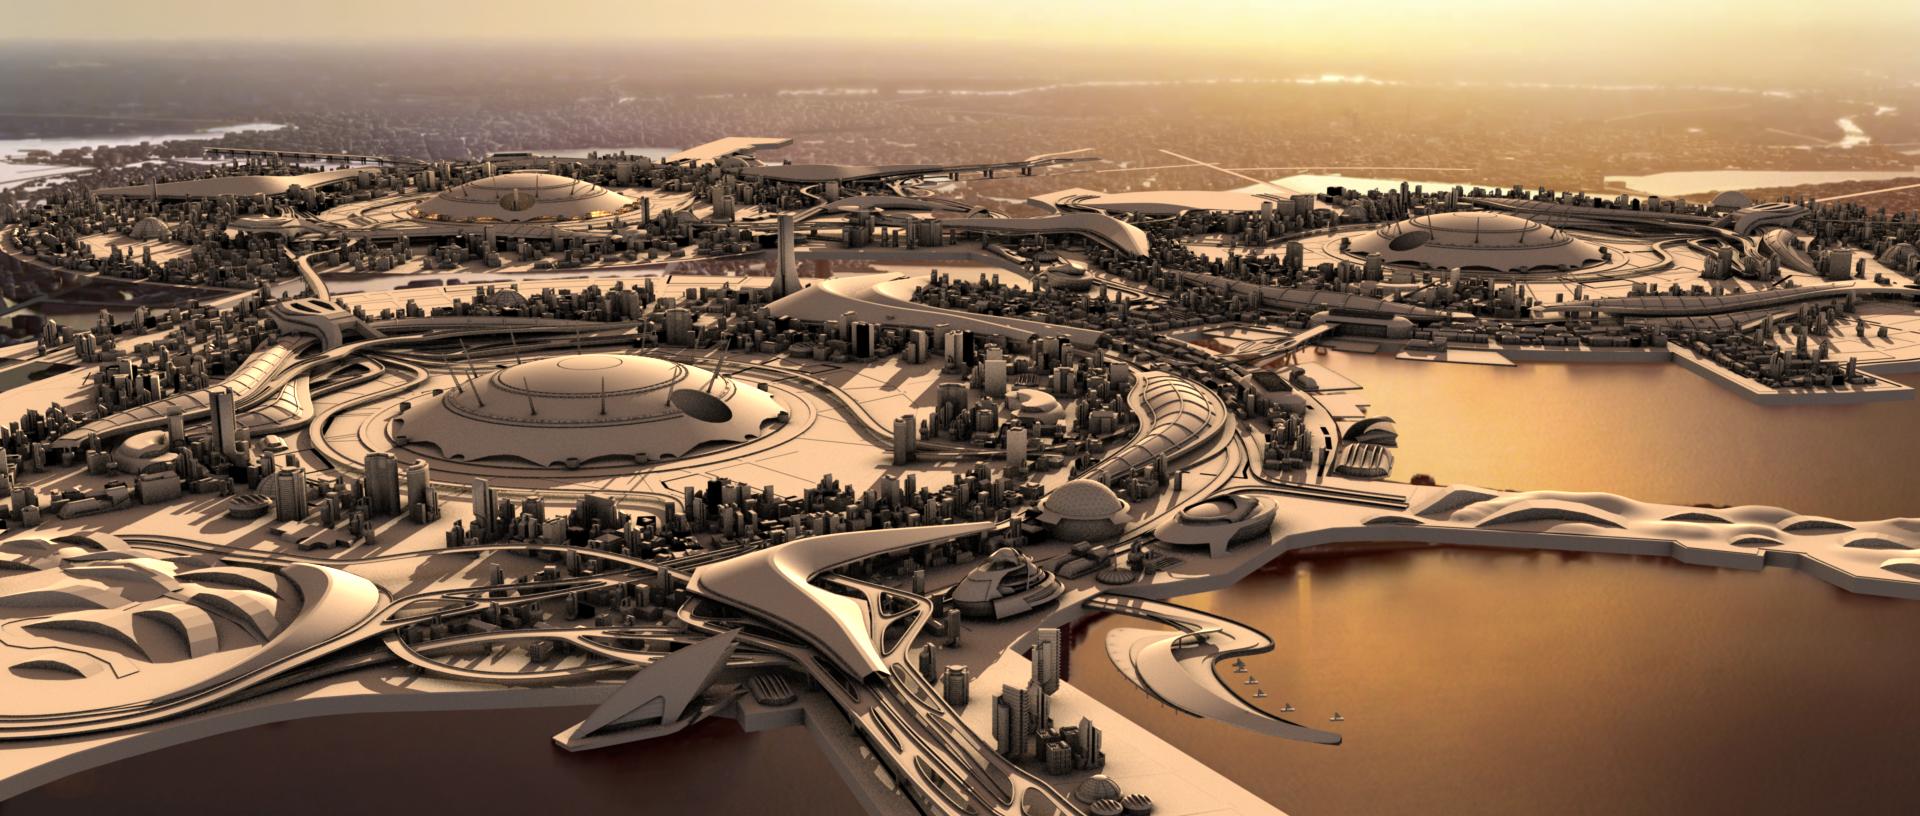 MASSARI QUIANA cityscape. Original concept by Marko Ljubez.